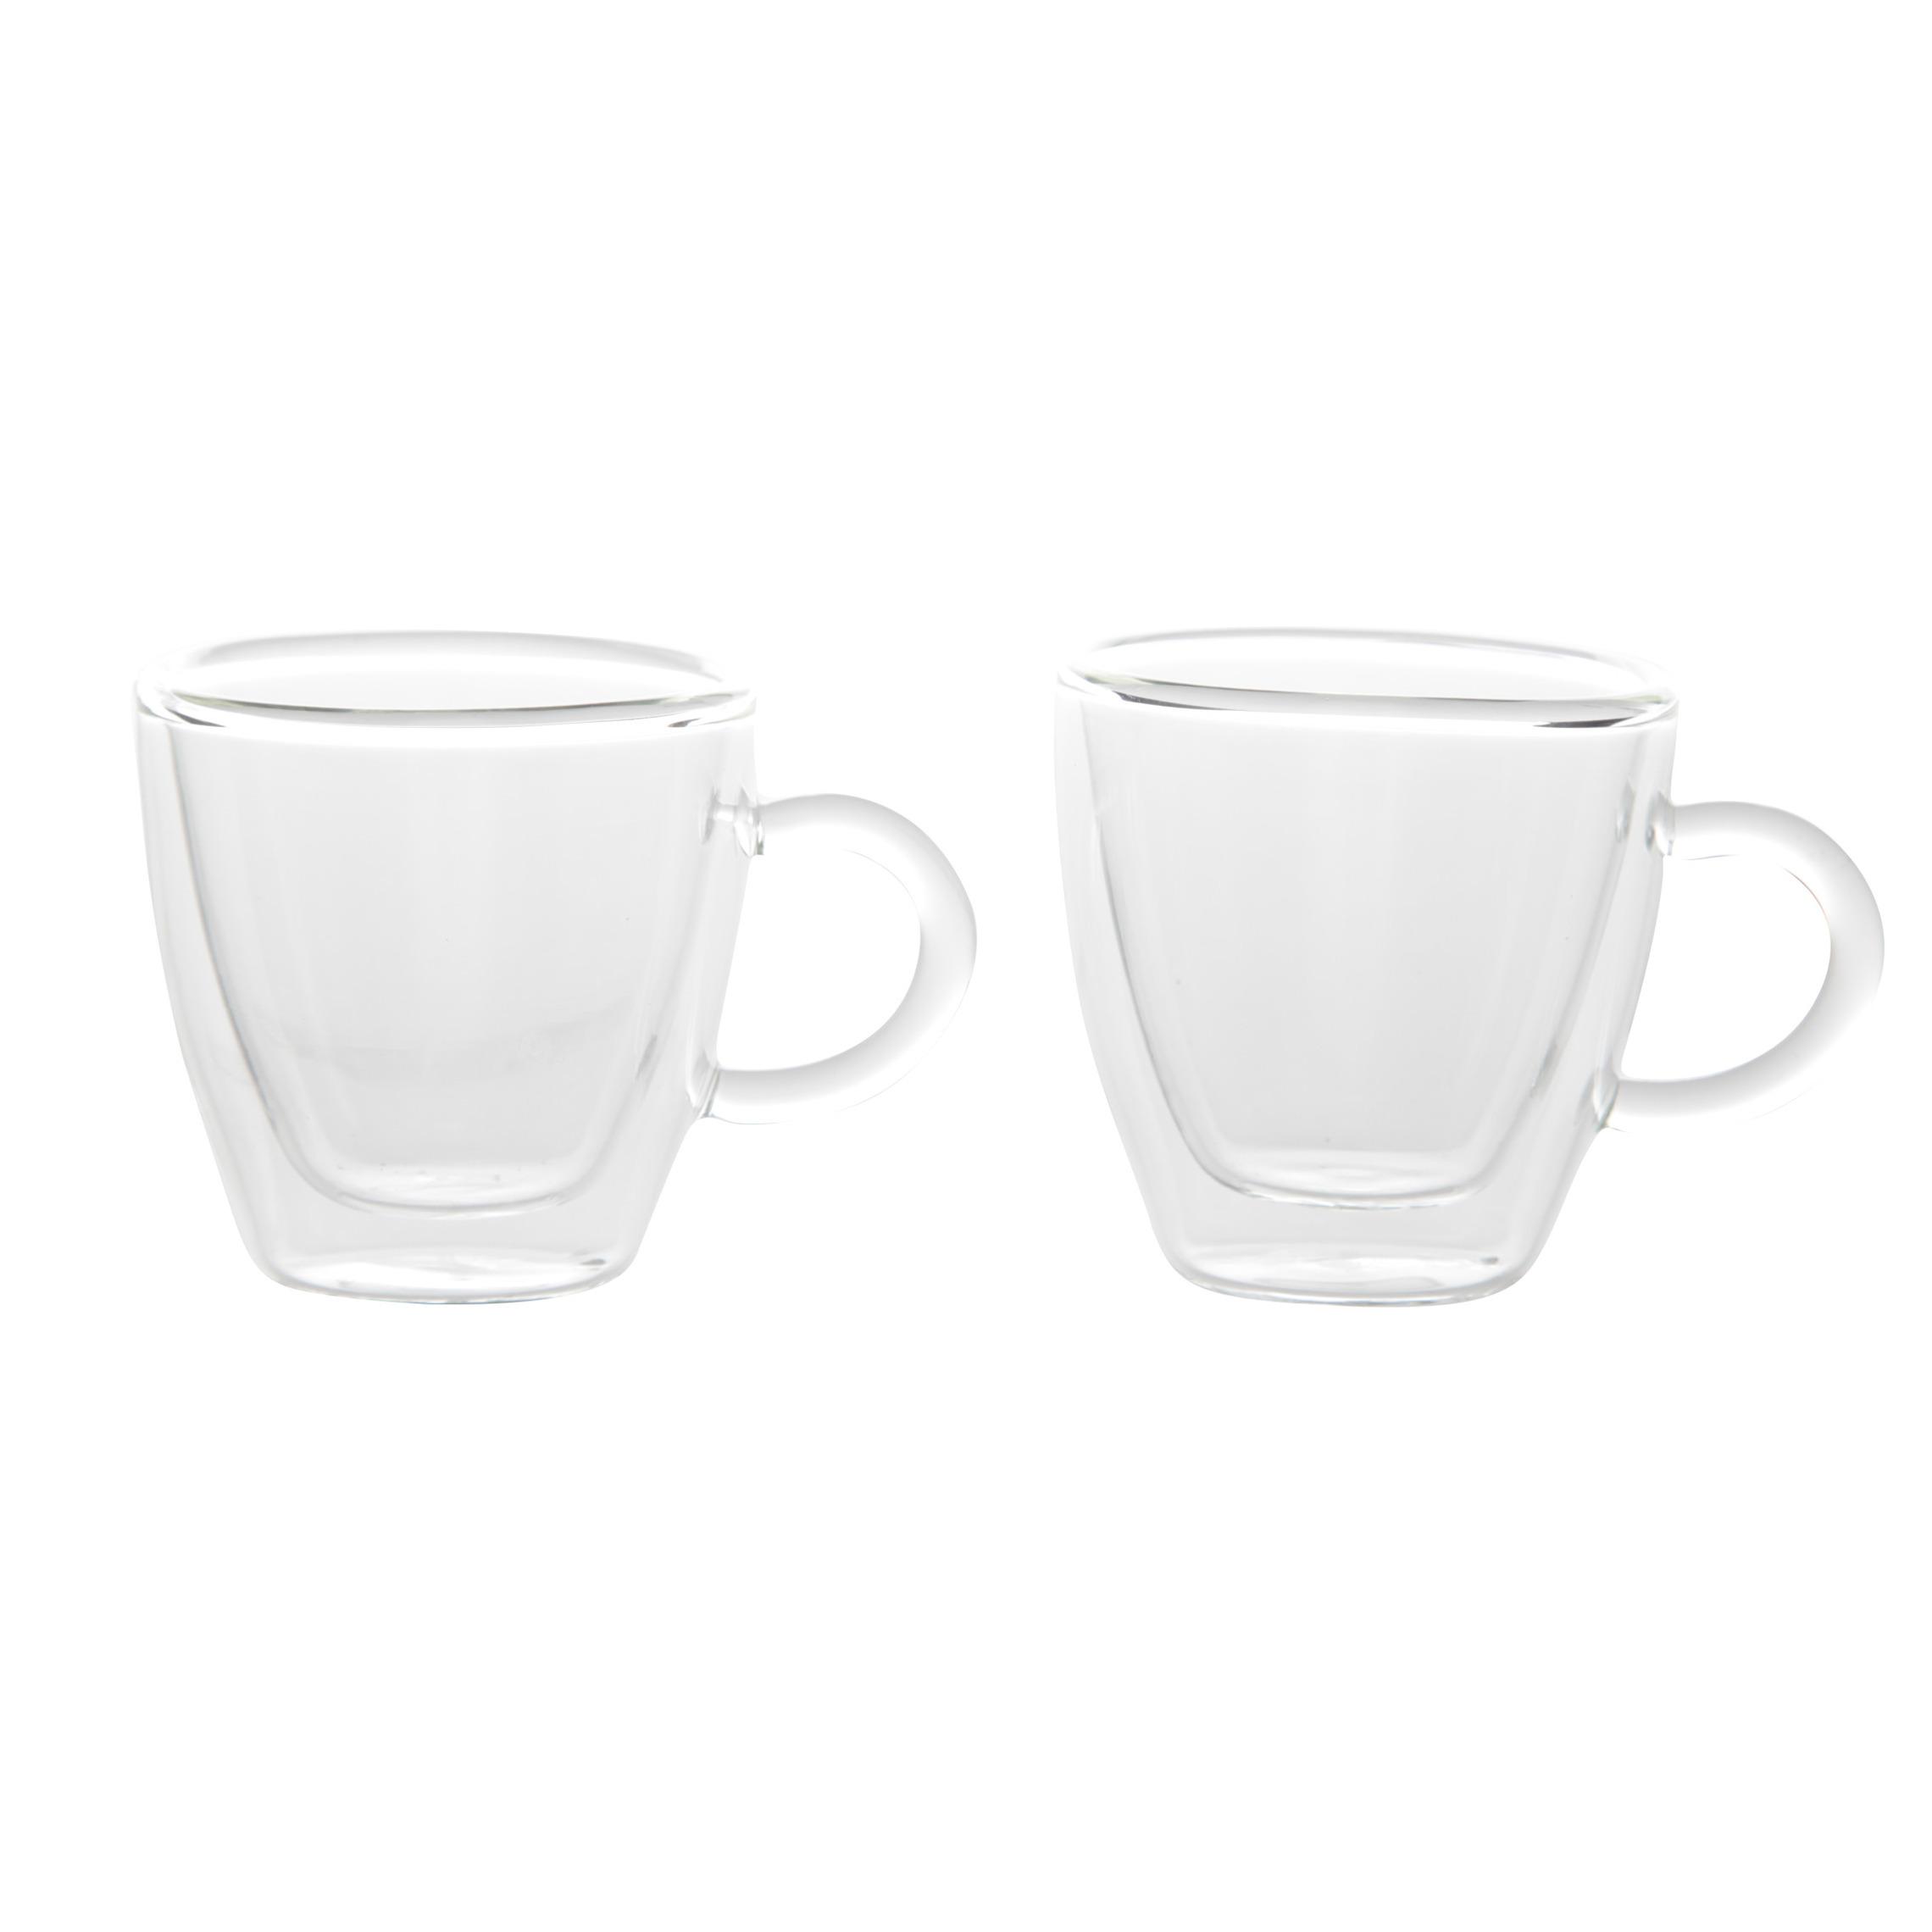 Set van 10x Koffie/espresso glazen dubbelwandig 60 ml - transparant -